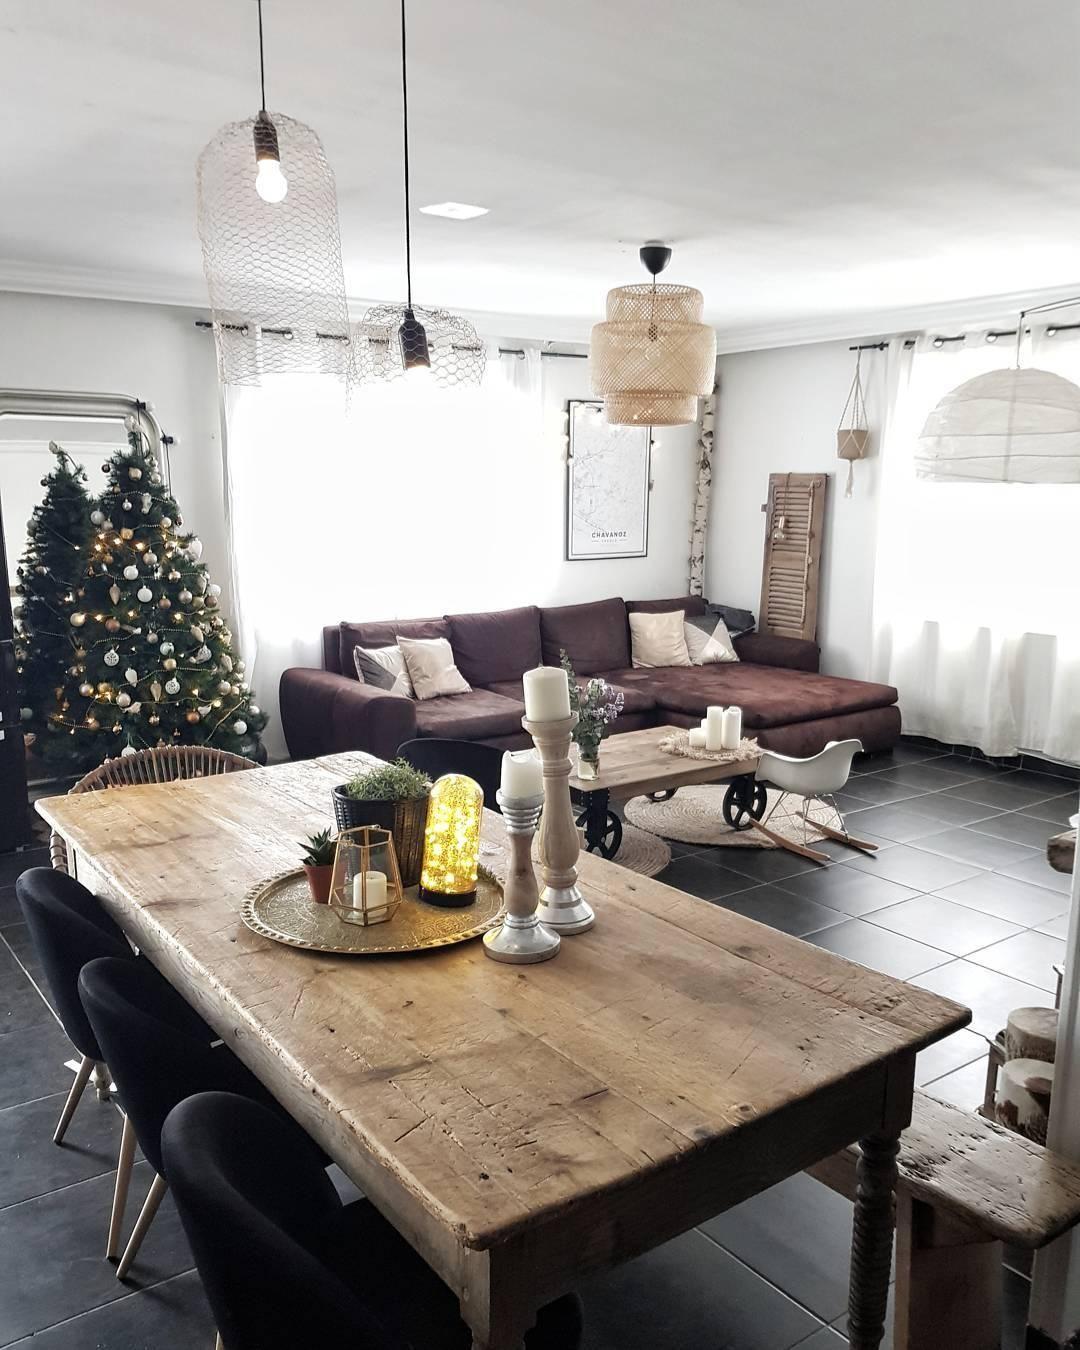 Ein wunderschön geschmückter Weihnachtsbaum und passende Deko